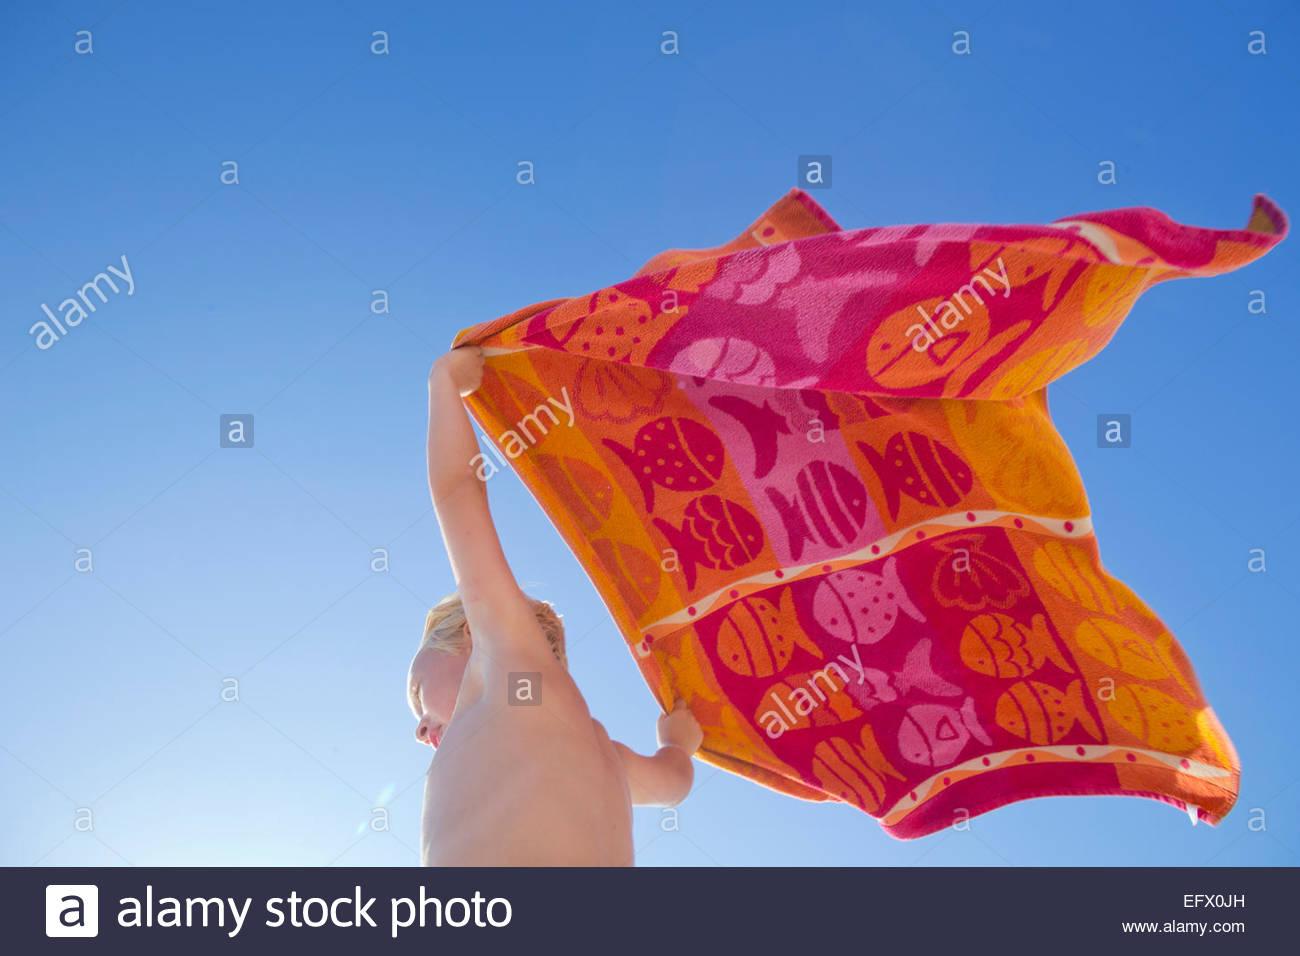 Retrato de niño sosteniendo una toalla encima de la cabeza en el viento en sunny beach Imagen De Stock